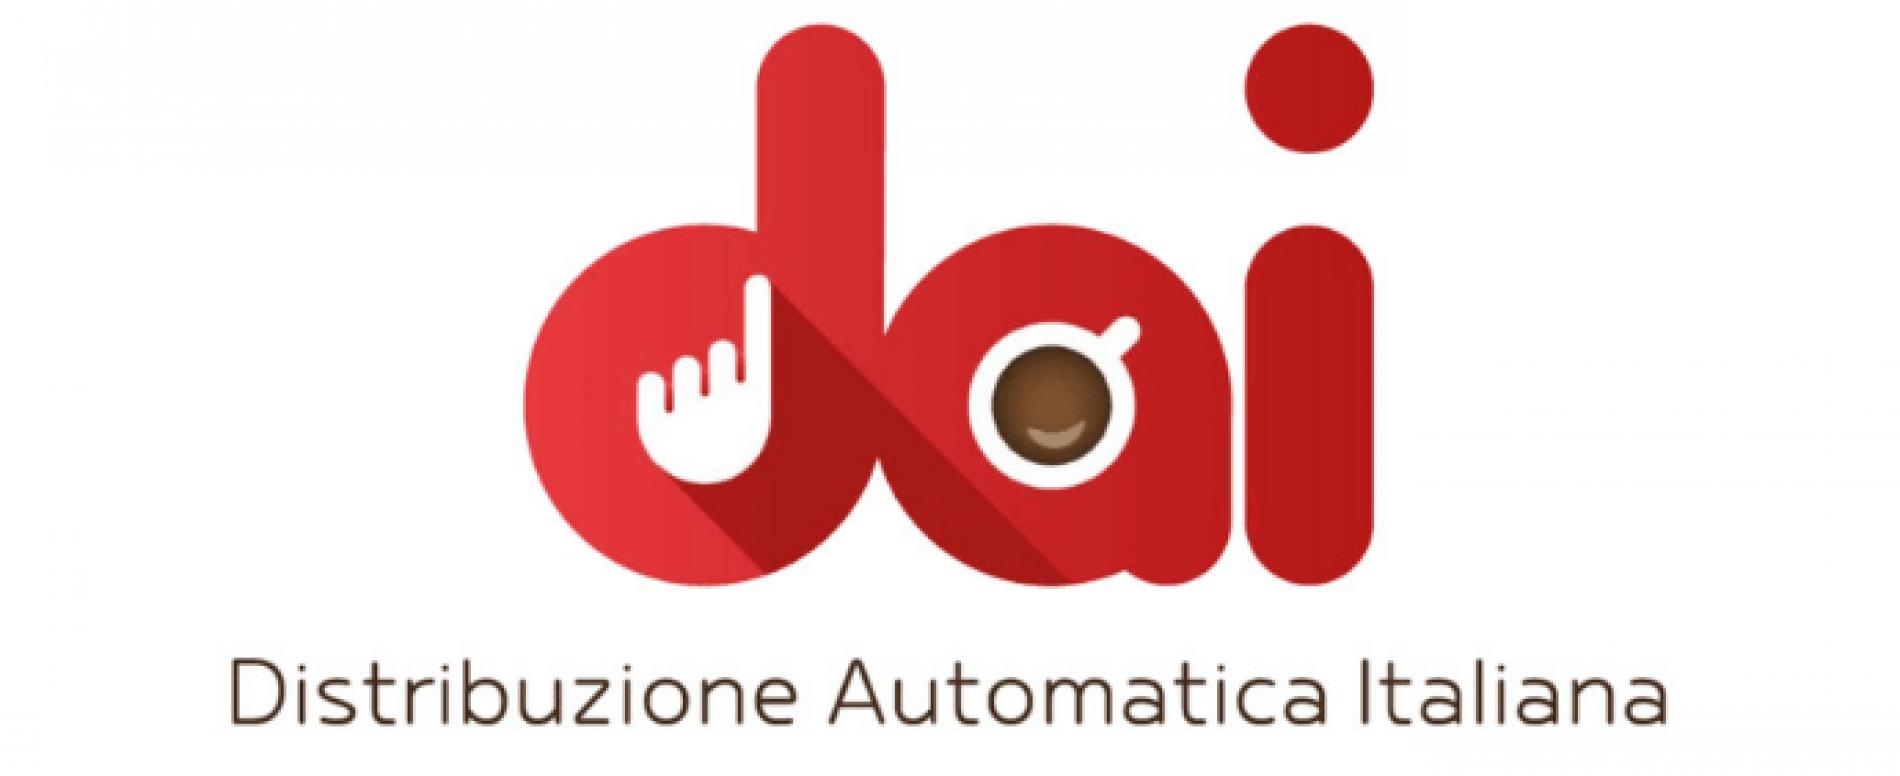 Union Cafè + Supermatic = DAI SpA – Distribuzione Automatica Italiana